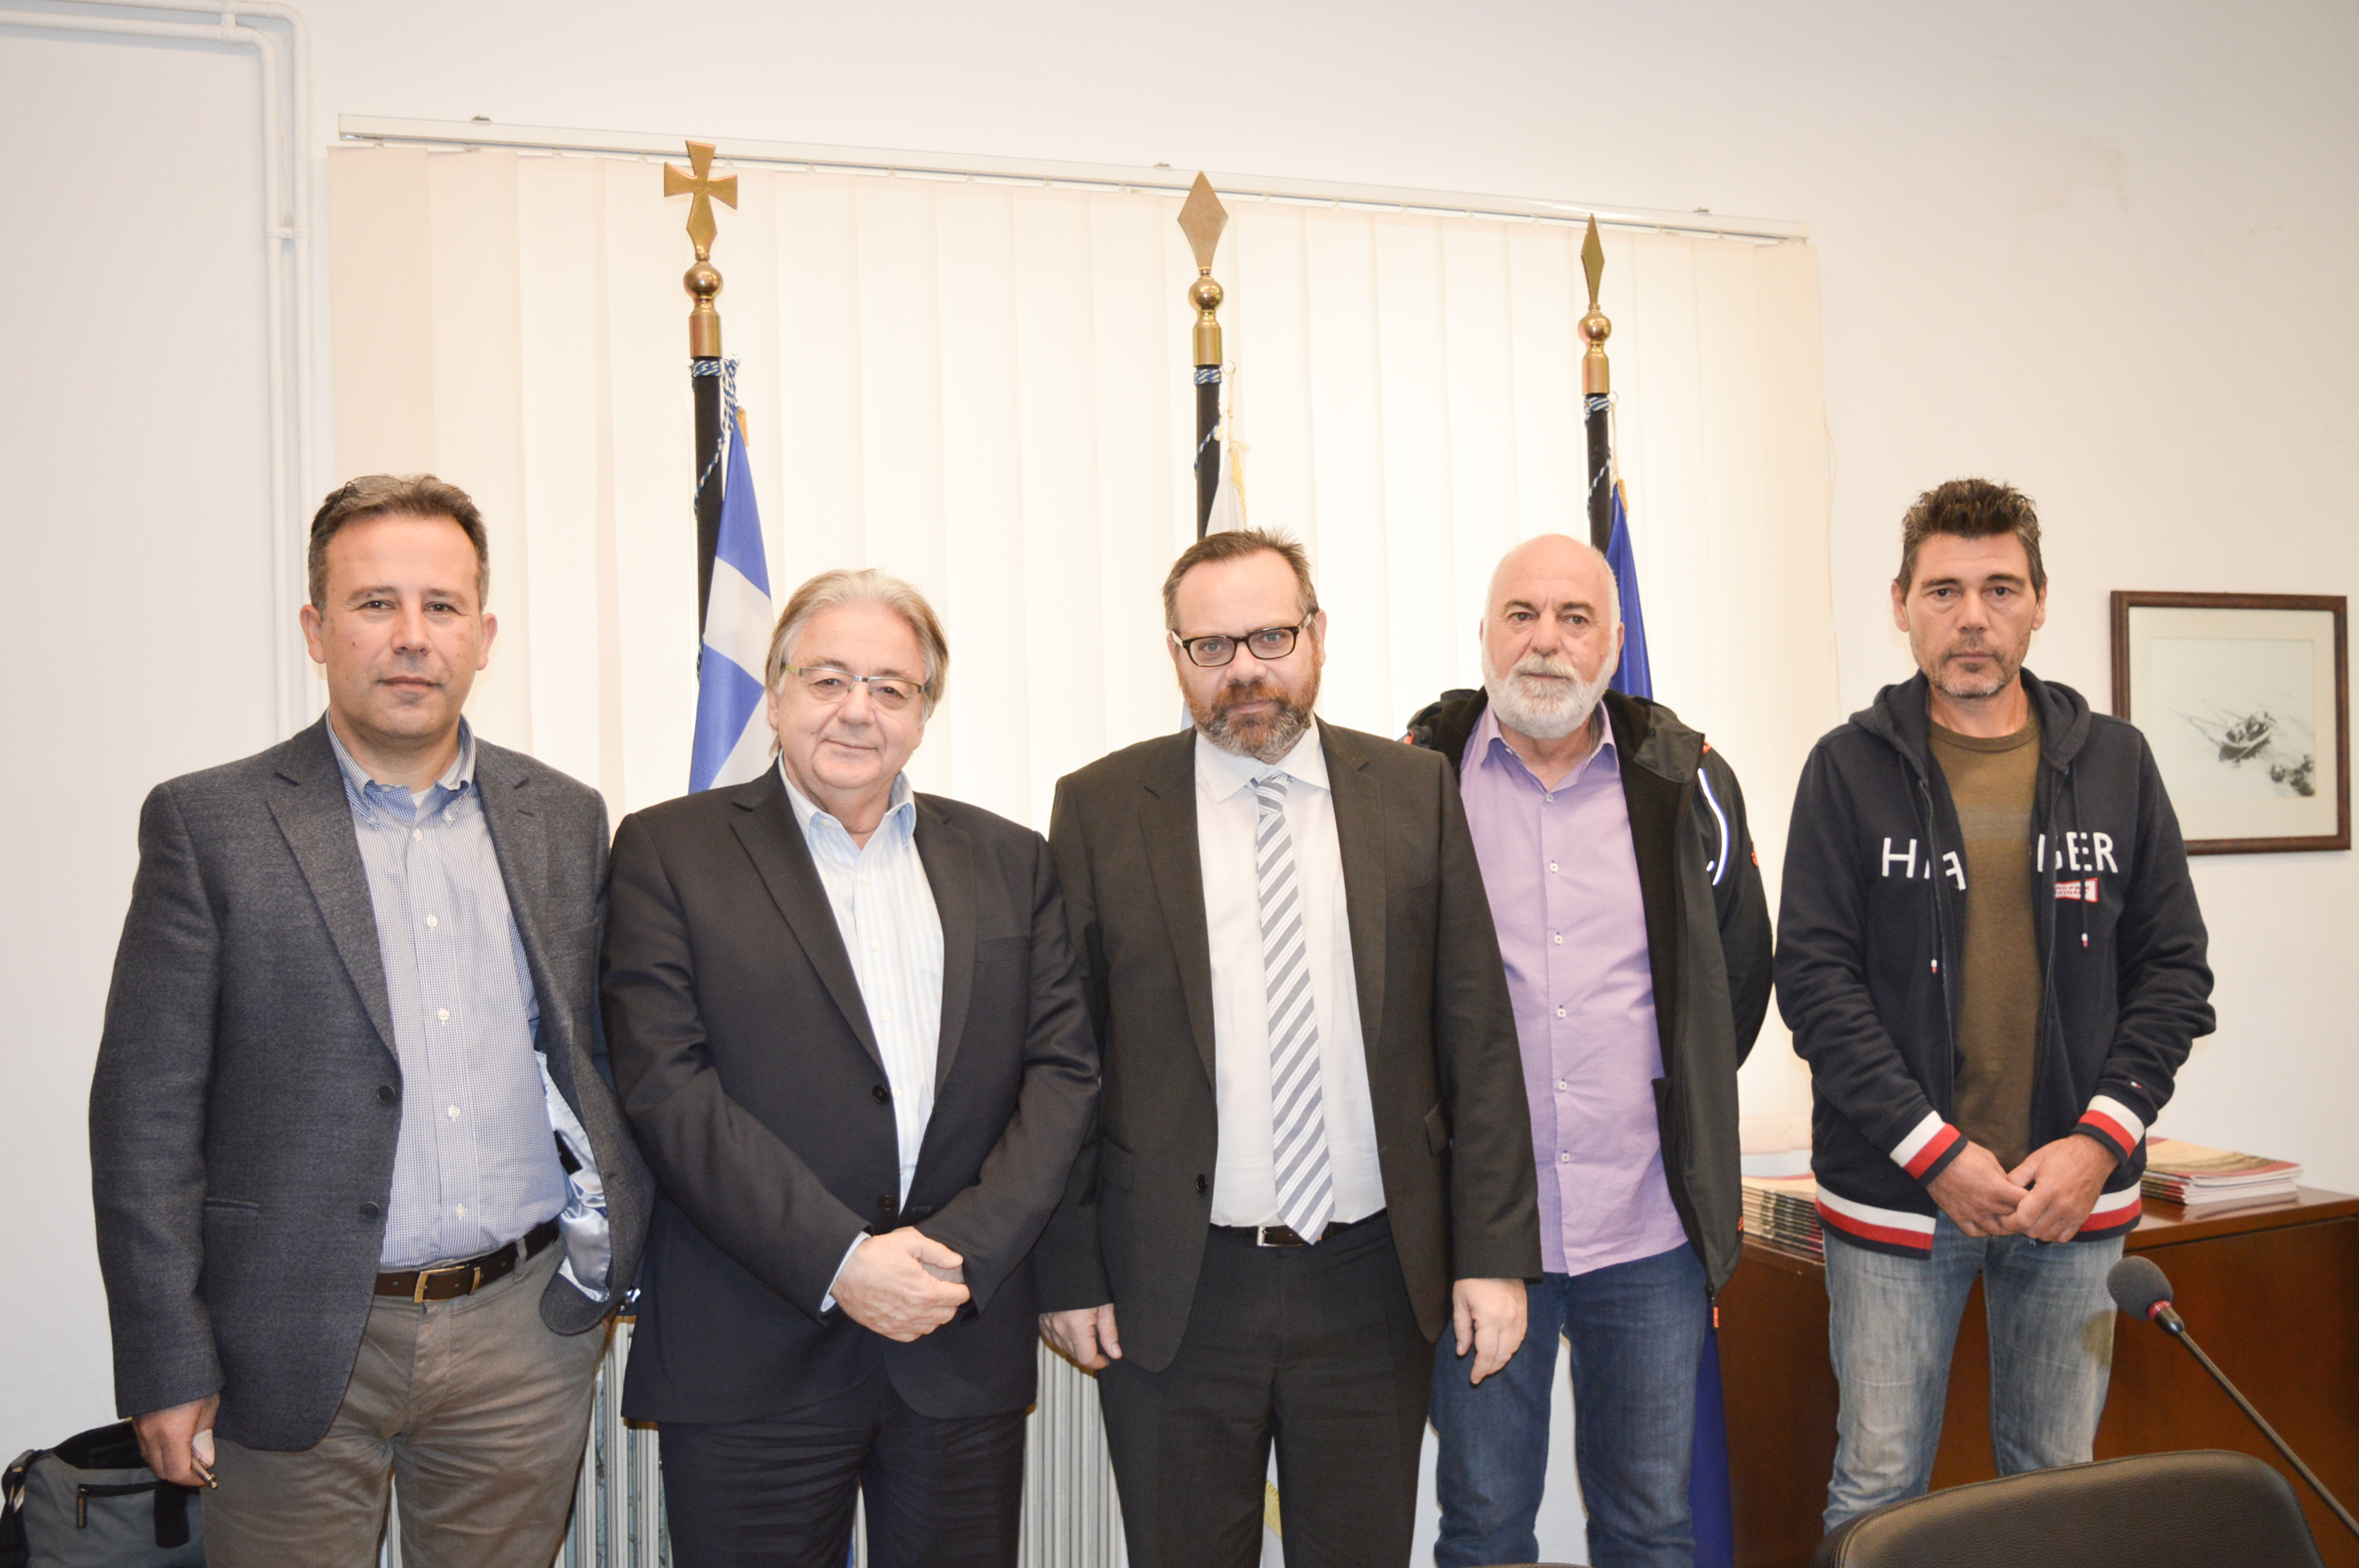 Επίσκεψη ΓΓ του υπουργείου Ναυτιλίας στον Ο.Λ.Ε. ΑΕ